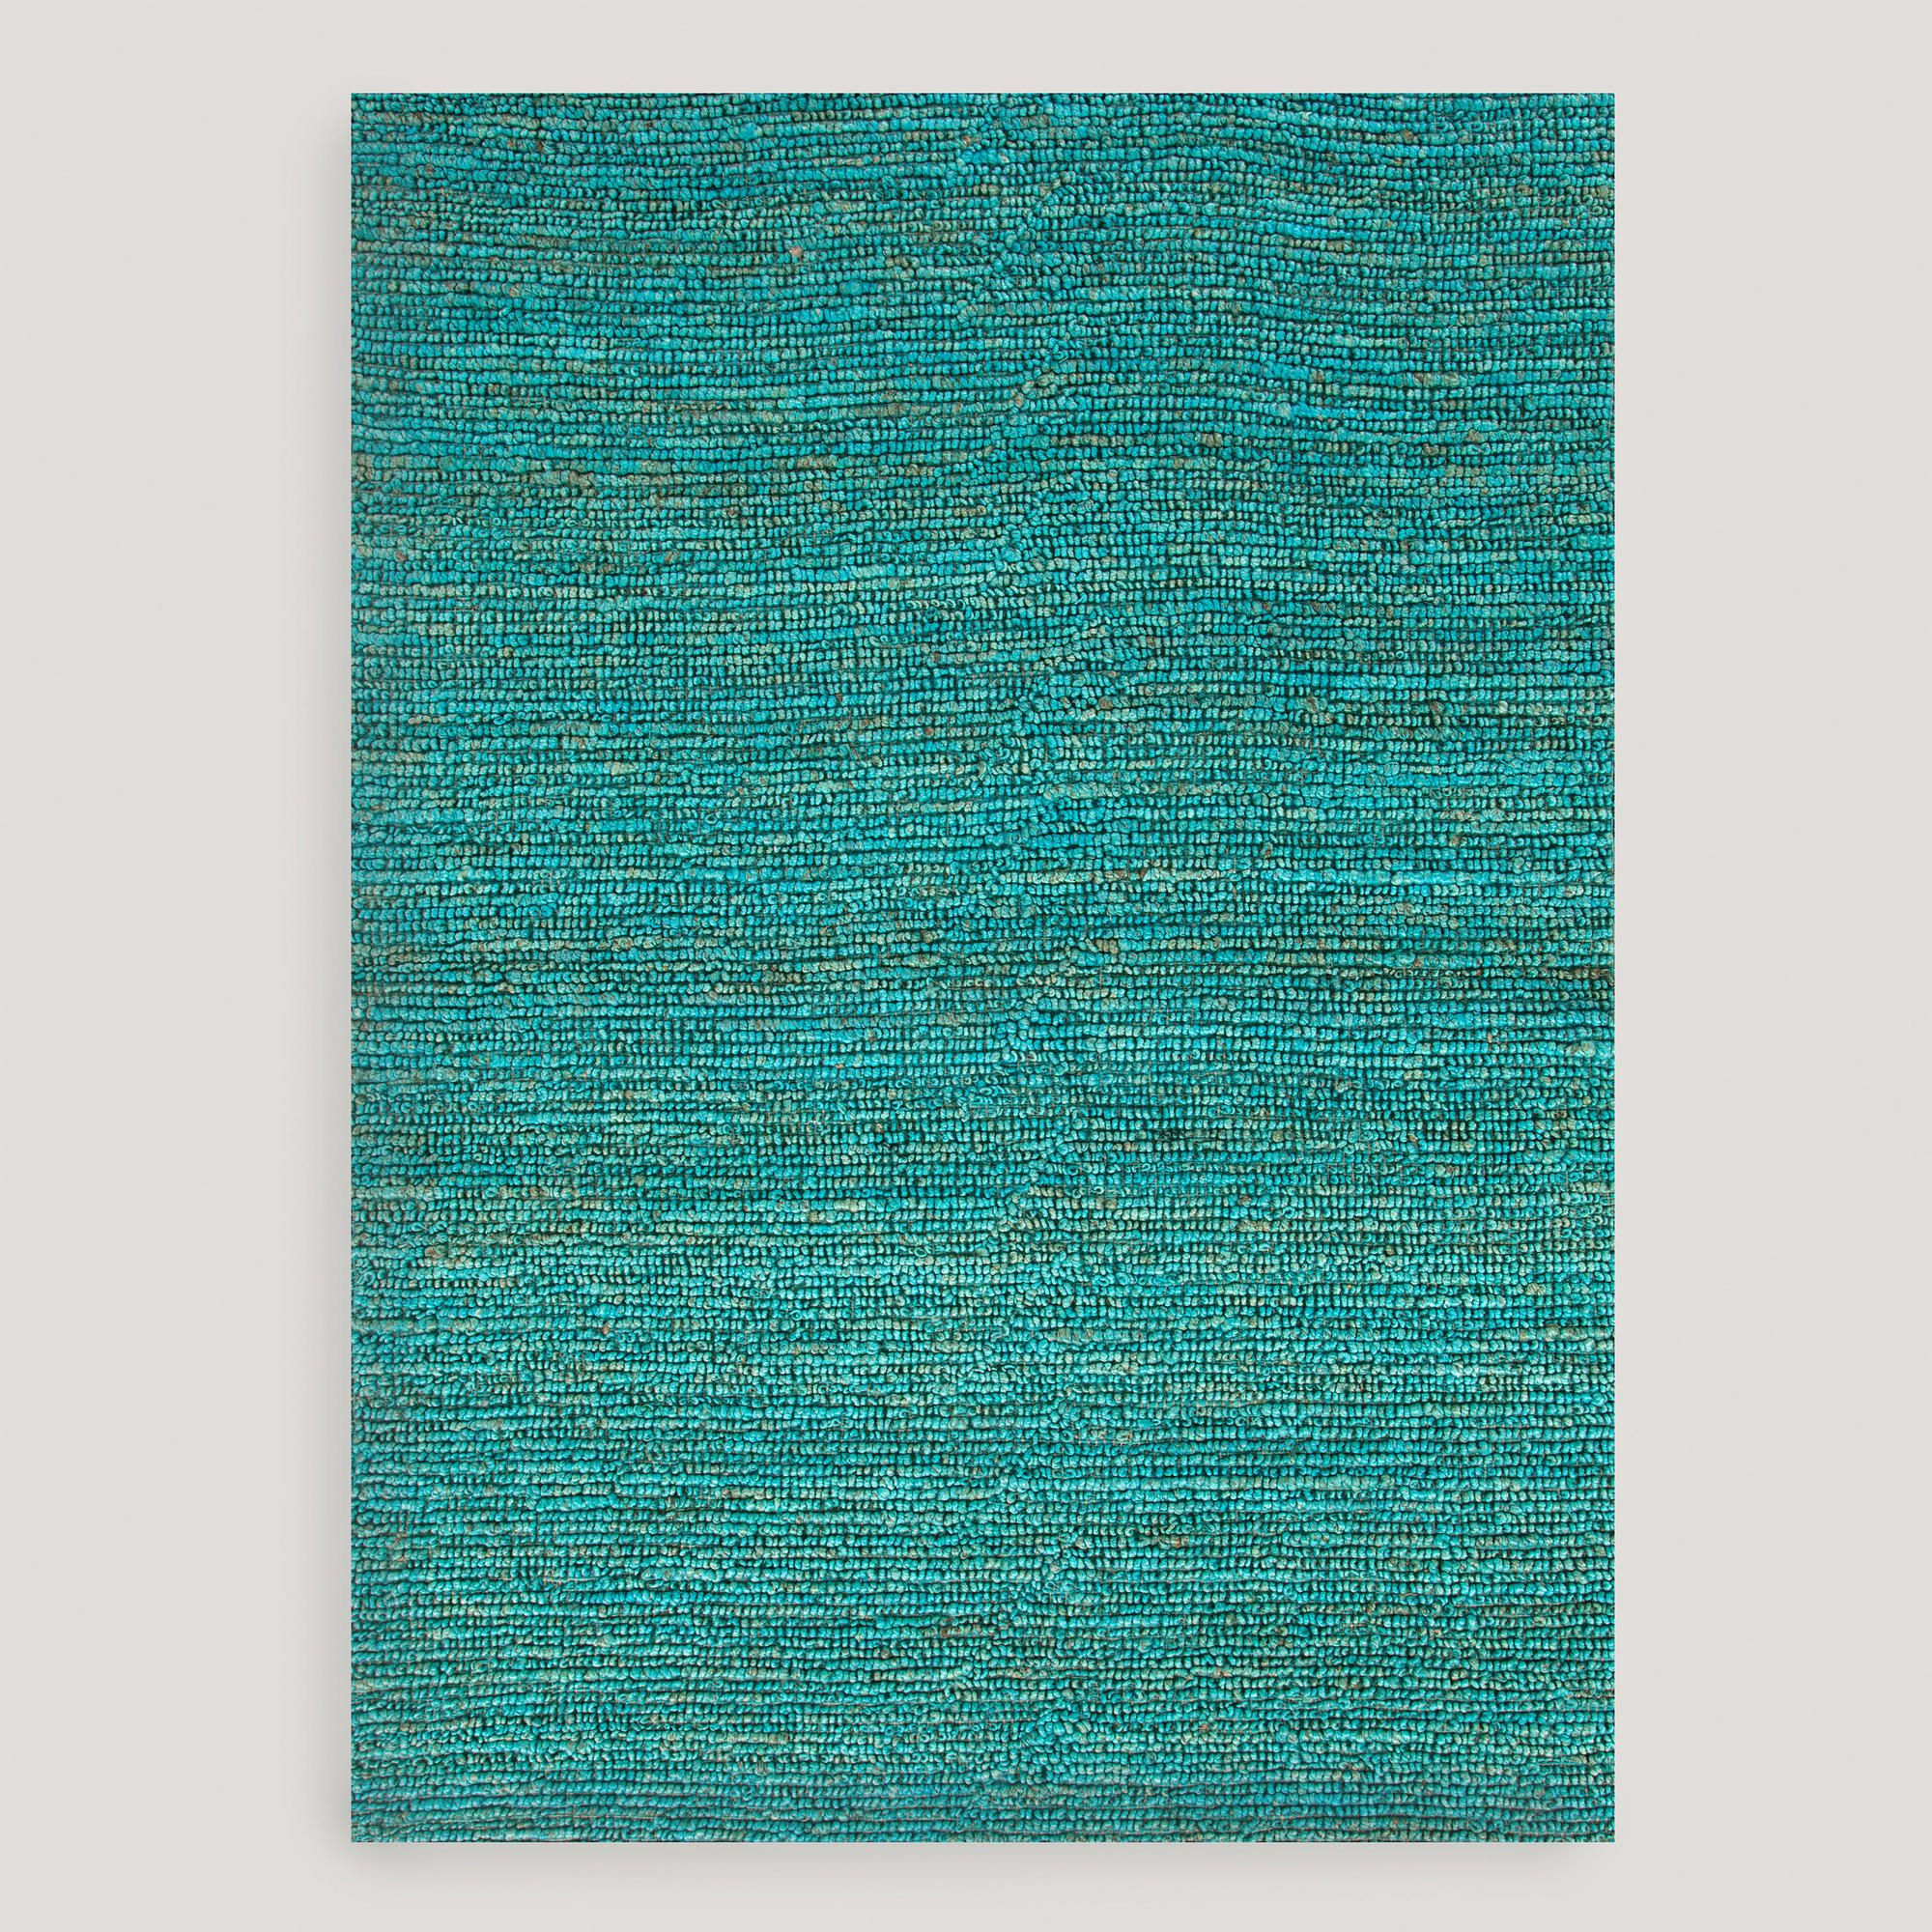 Victoria S Souk Rug: Aqua Deca Flat-Woven Jute Rug